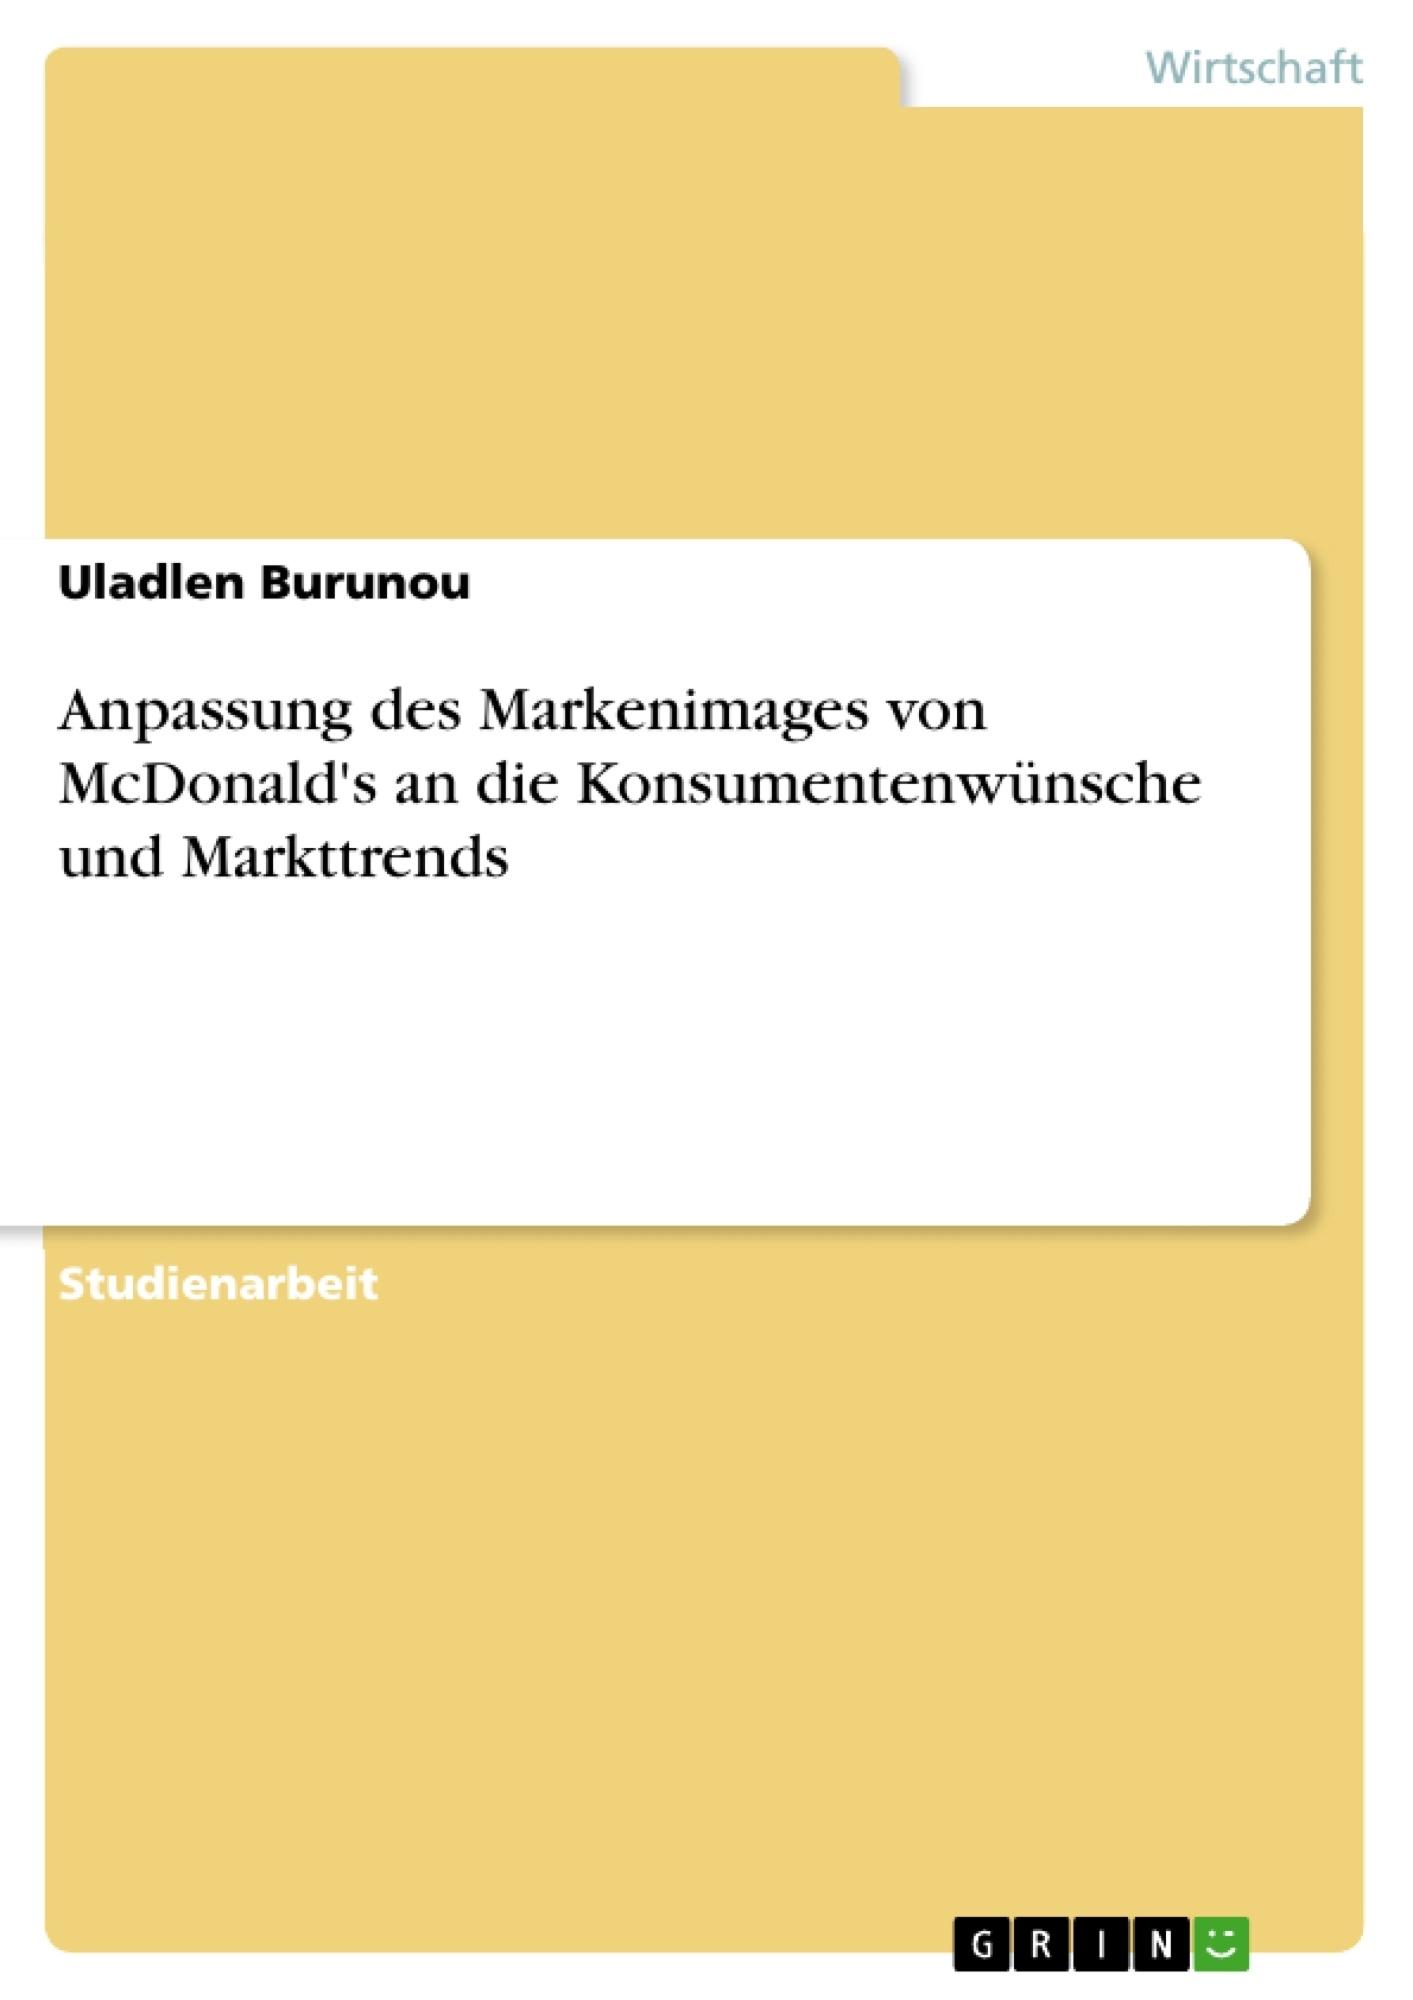 Titel: Anpassung des Markenimages von McDonald's an die Konsumentenwünsche und Markttrends